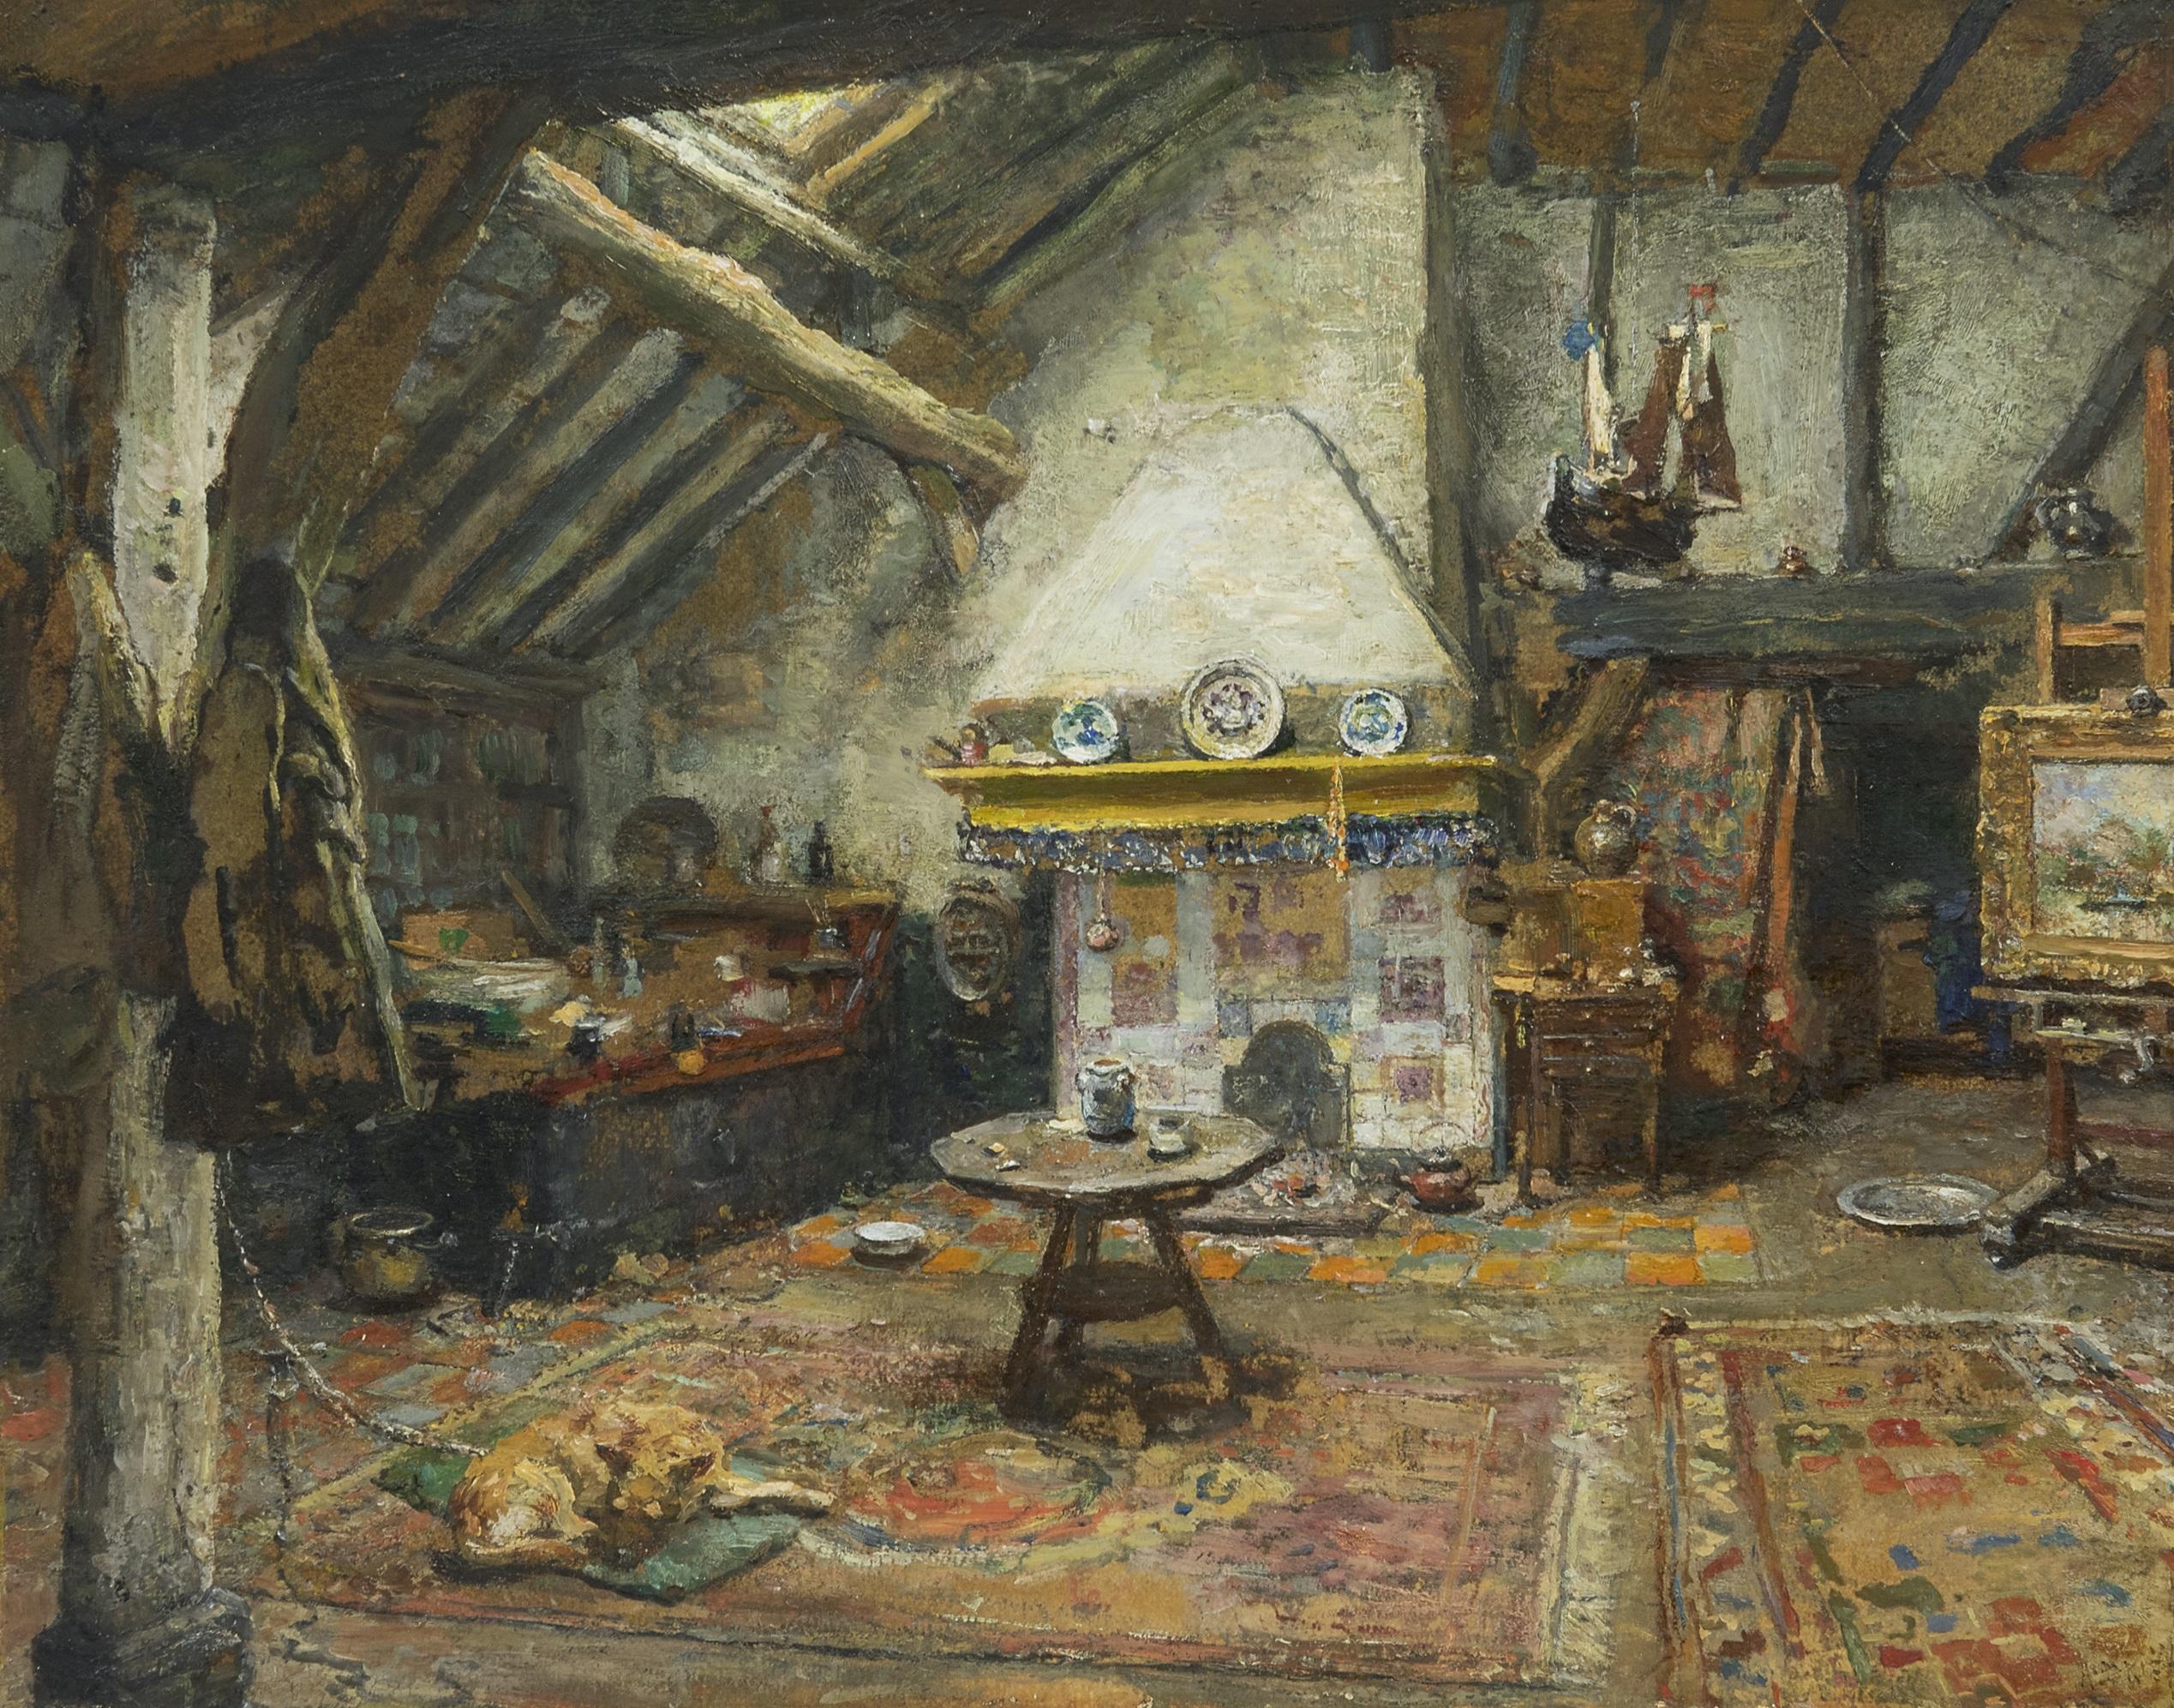 Briët A. - Het atelier van Frans Langeveld, olieverf op papier op paneel 35,2 x 43,7 cm, gesigneerd r.o.